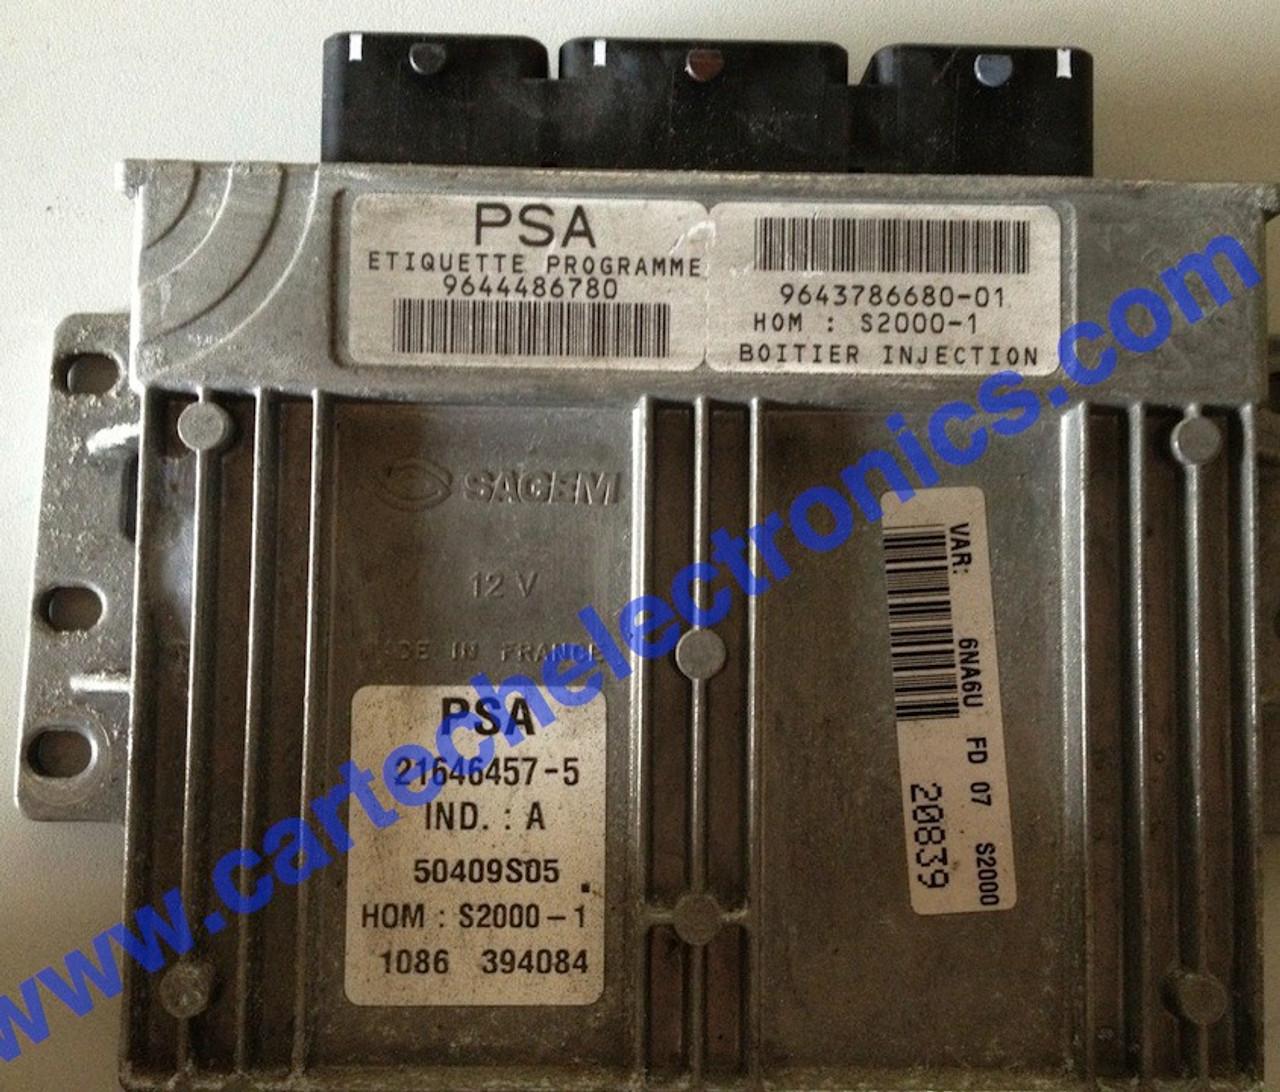 PSA S2000-1  9644486780  9643786680-01  21646457-5